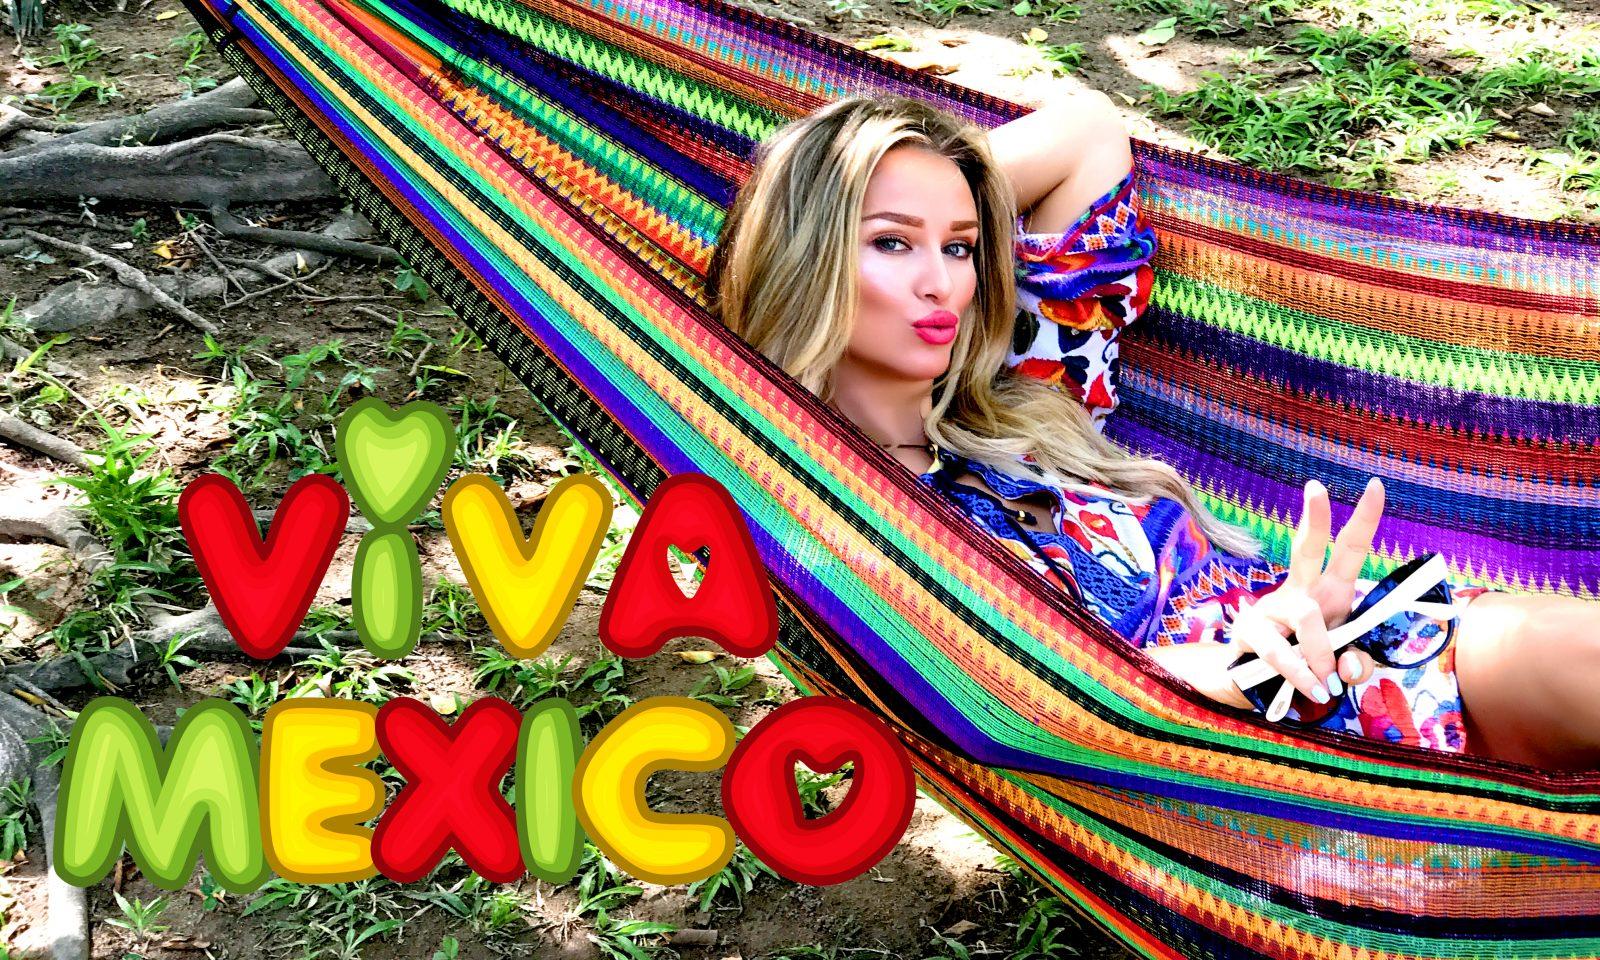 The 90s Girl: Episode 4 'VIVA MEXICO'